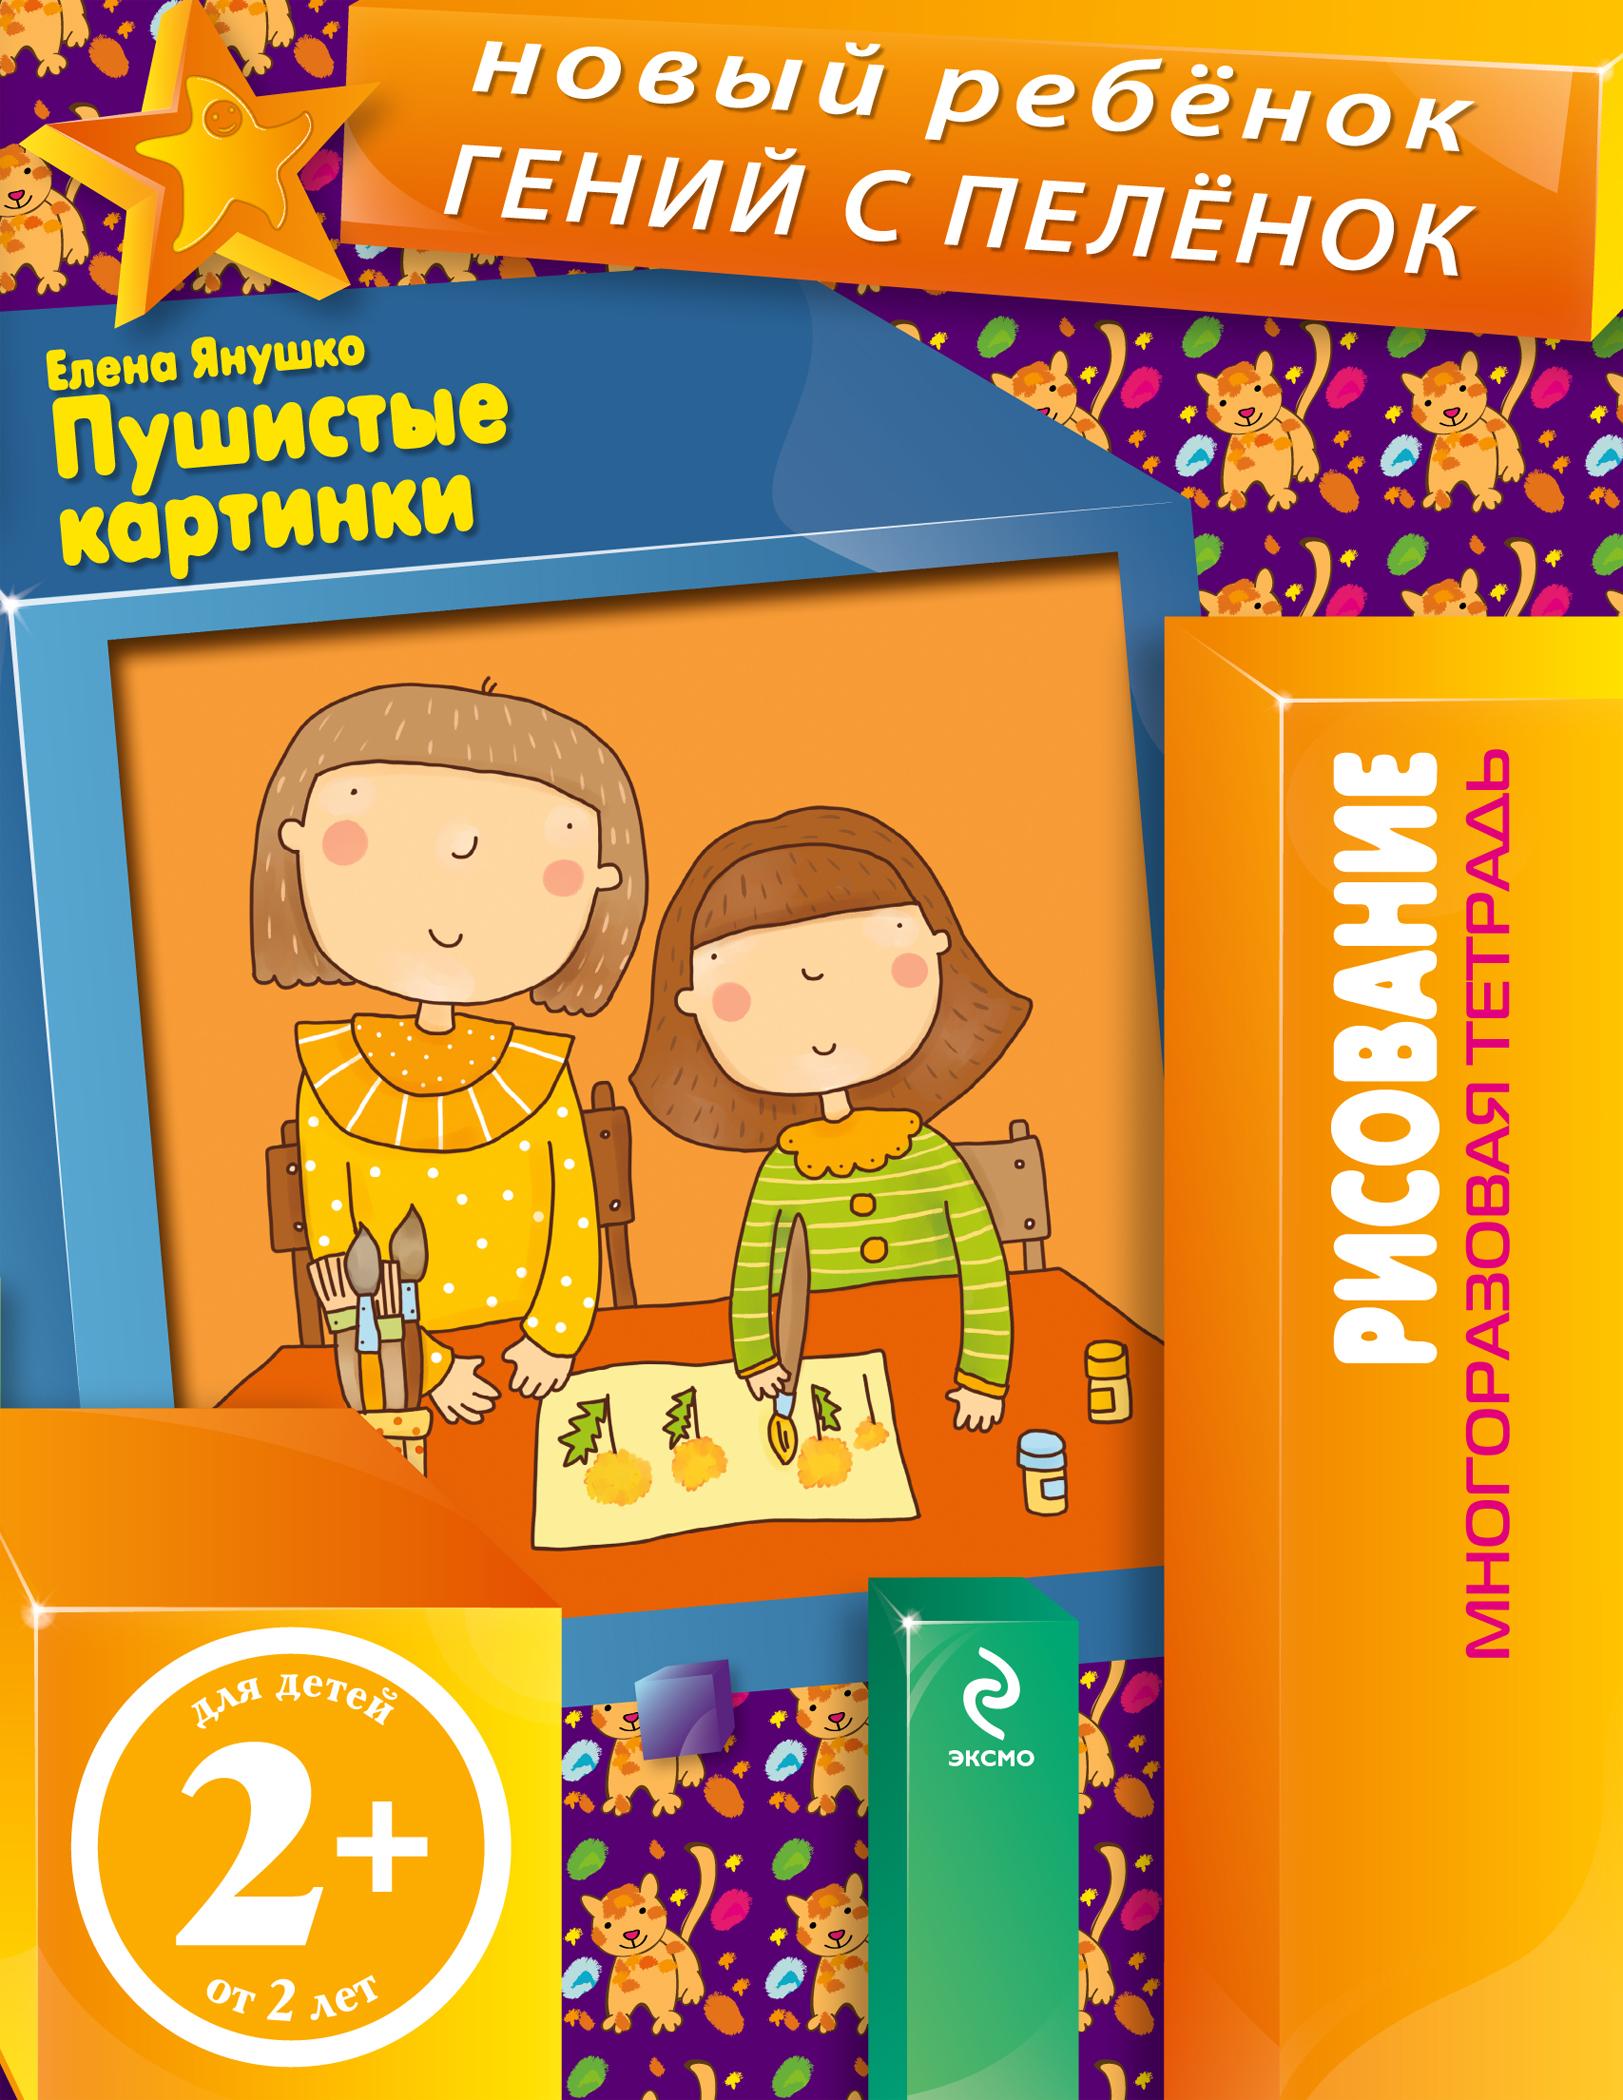 2+ Пушистые картинки (многоразовая тетрадь) ( Янушко Е.А.  )